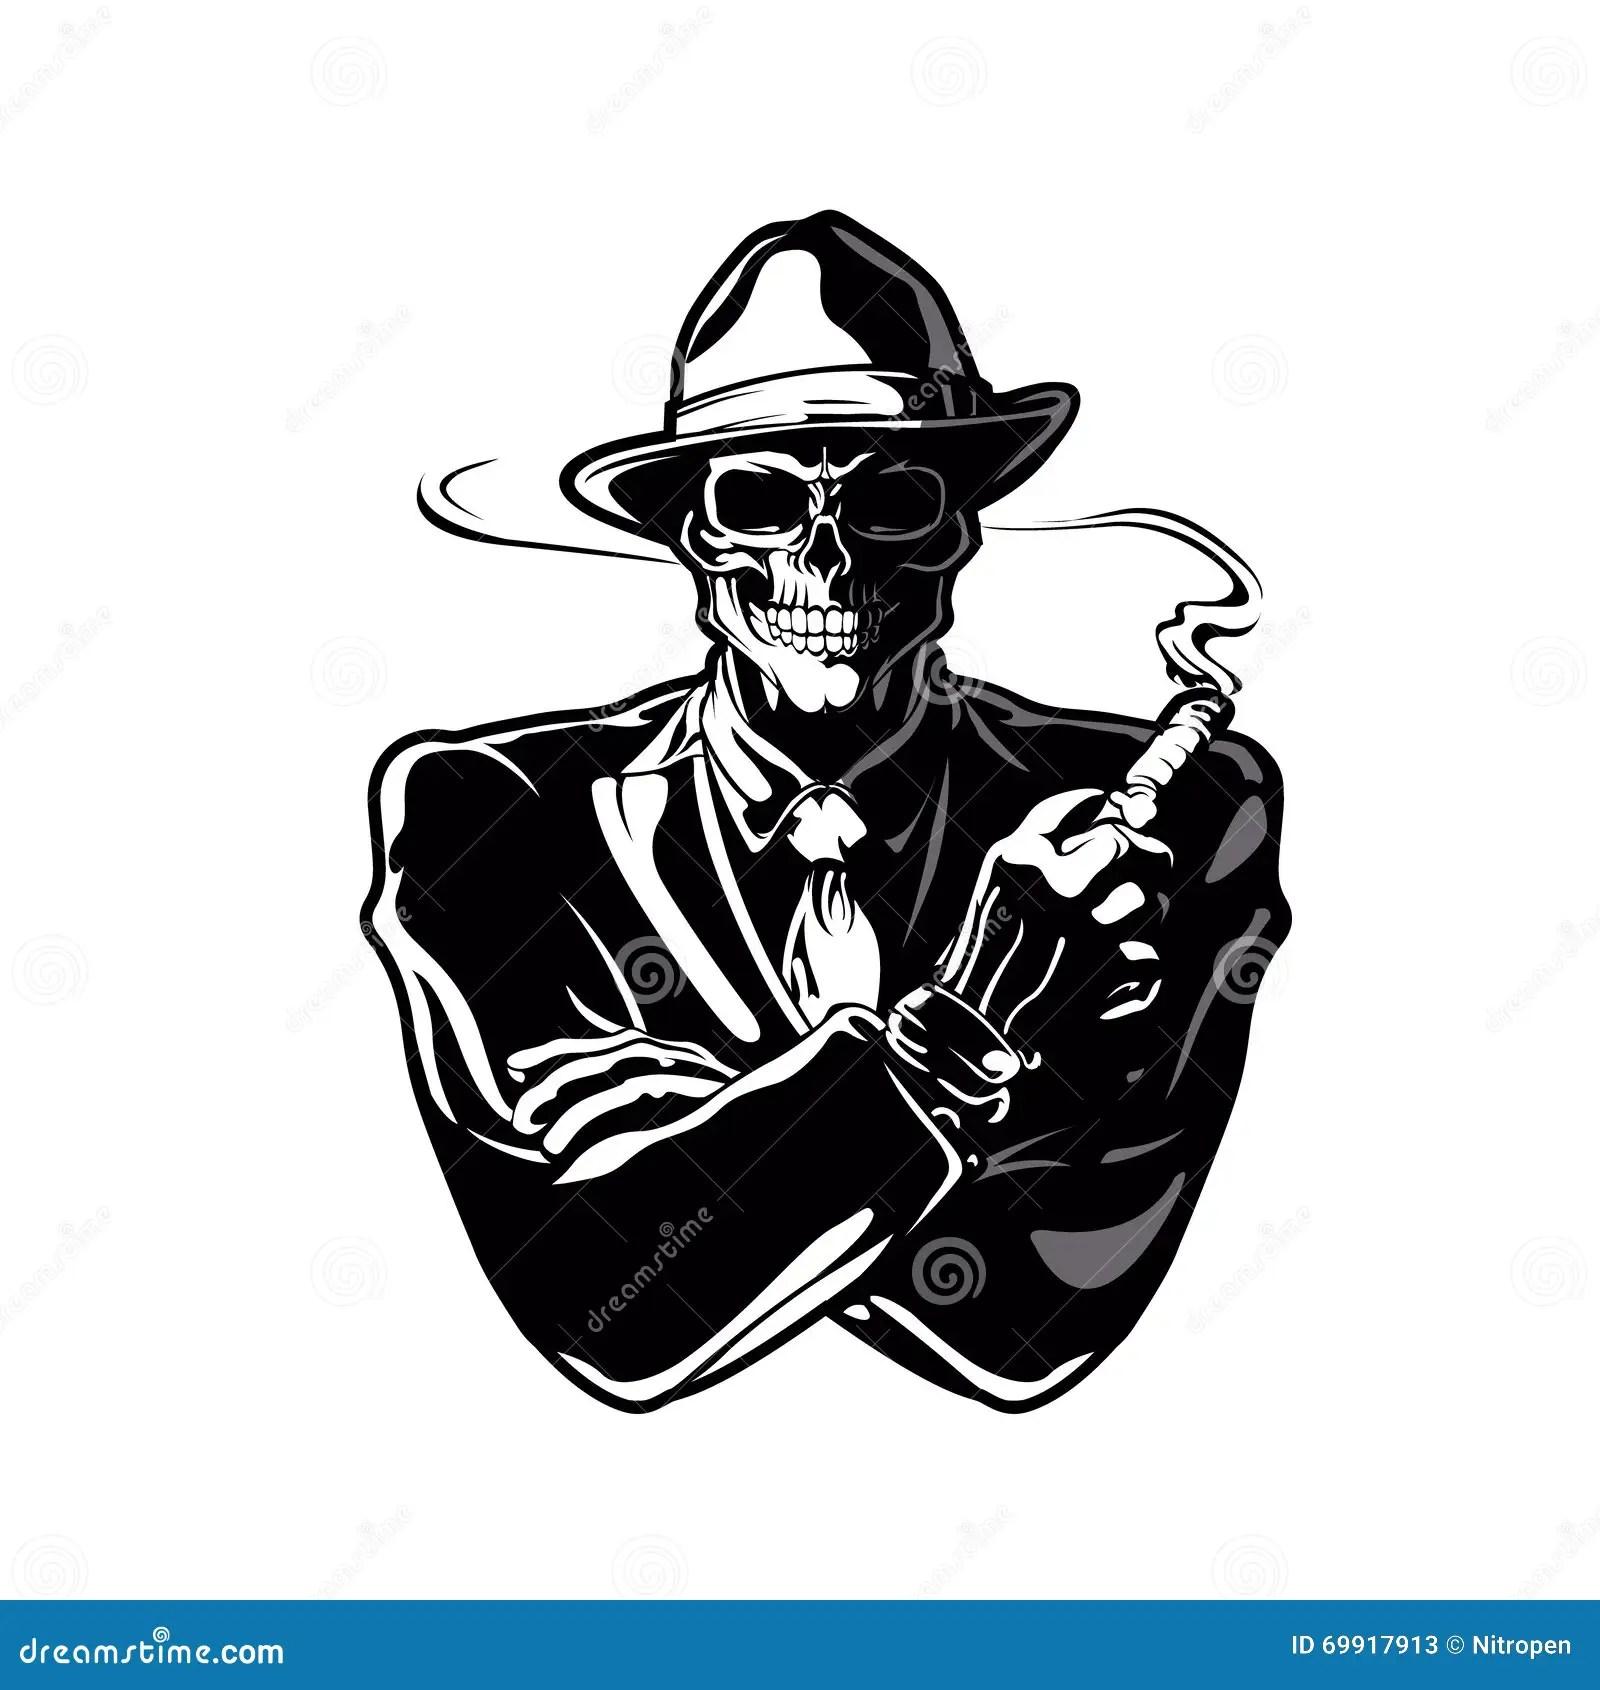 Clown Girl Smoking Cigar Wallpaper Gangster Skull Cartoon Stock Illustration Illustration Of